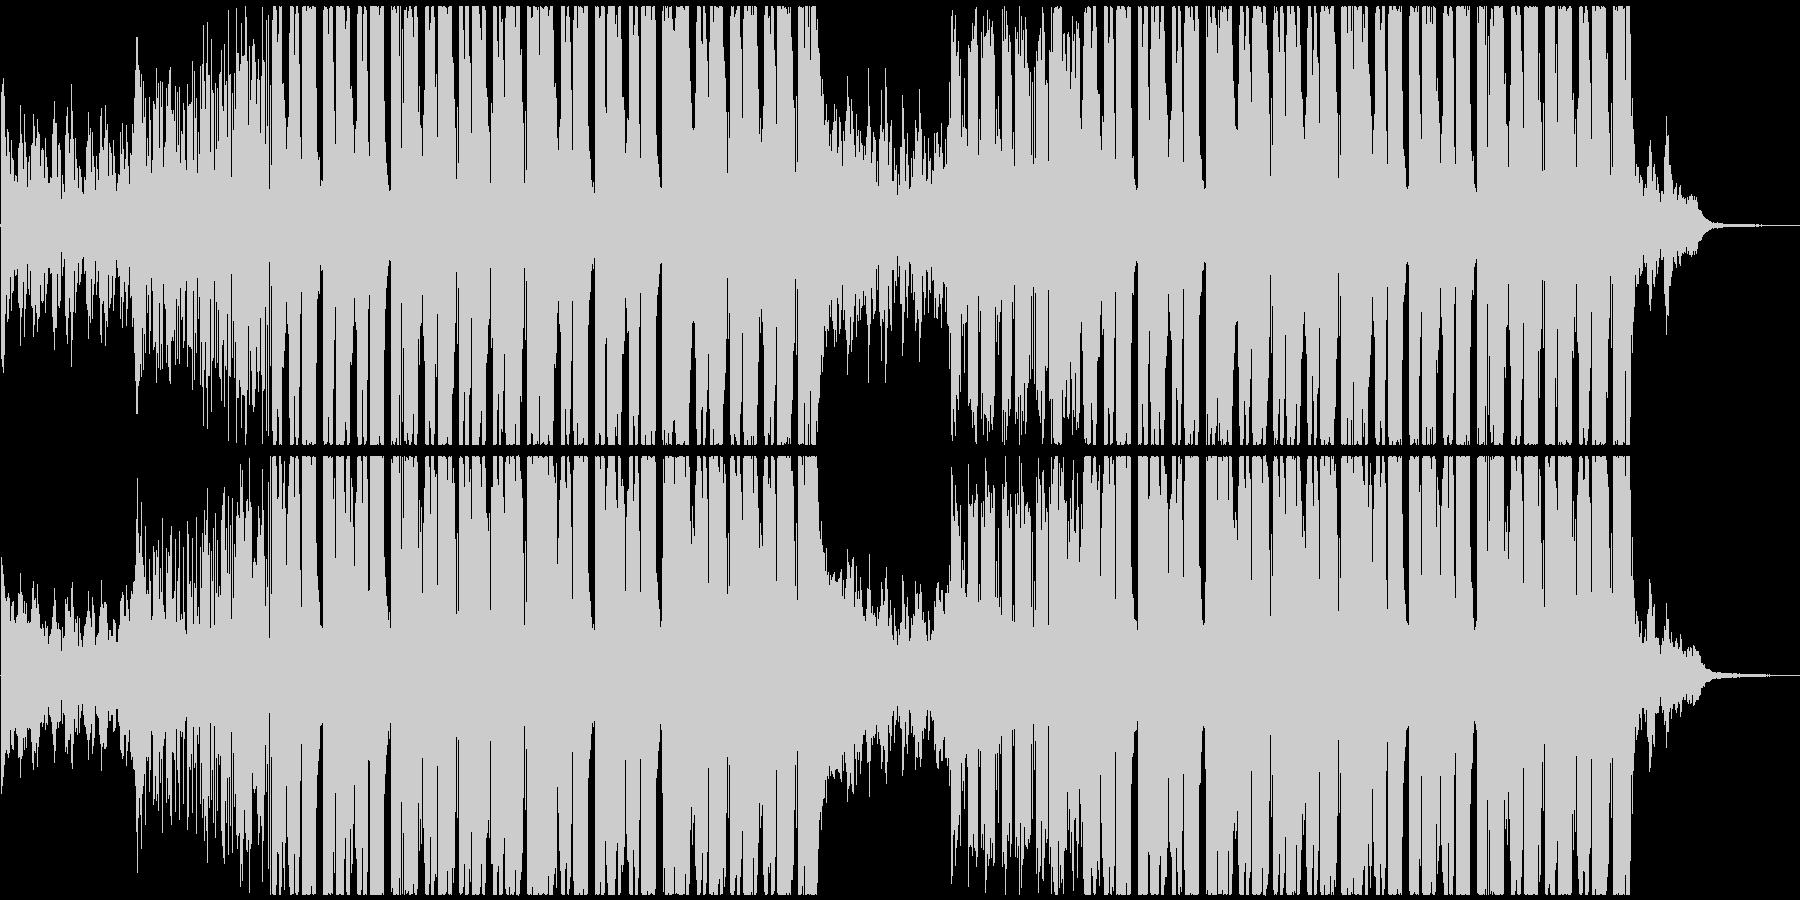 ドラム & ベース ジャングル ア...の未再生の波形